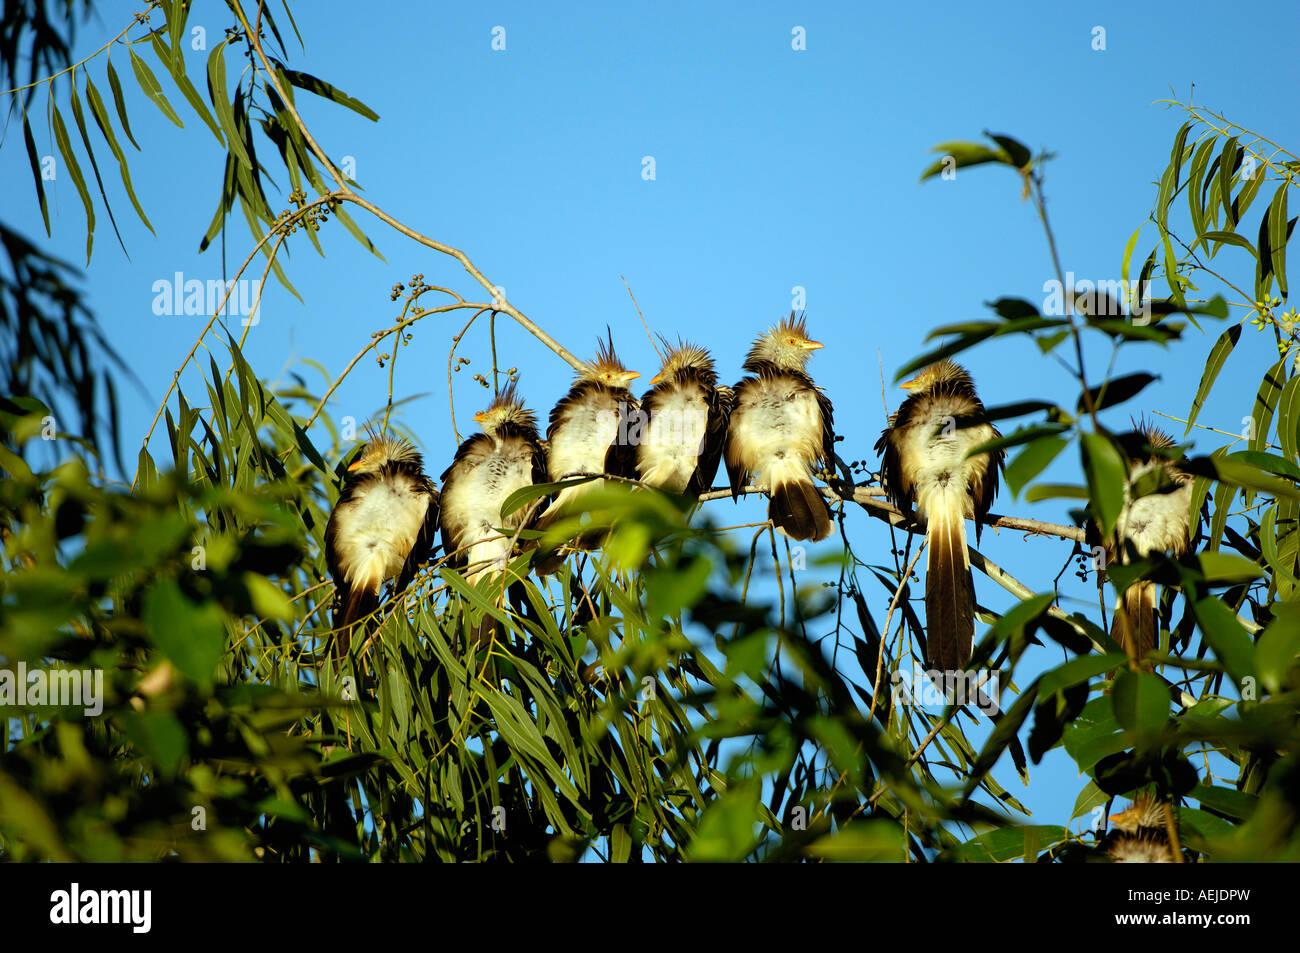 Cuckoo, Guira guira, Pantanal, Brasil - Stock Image